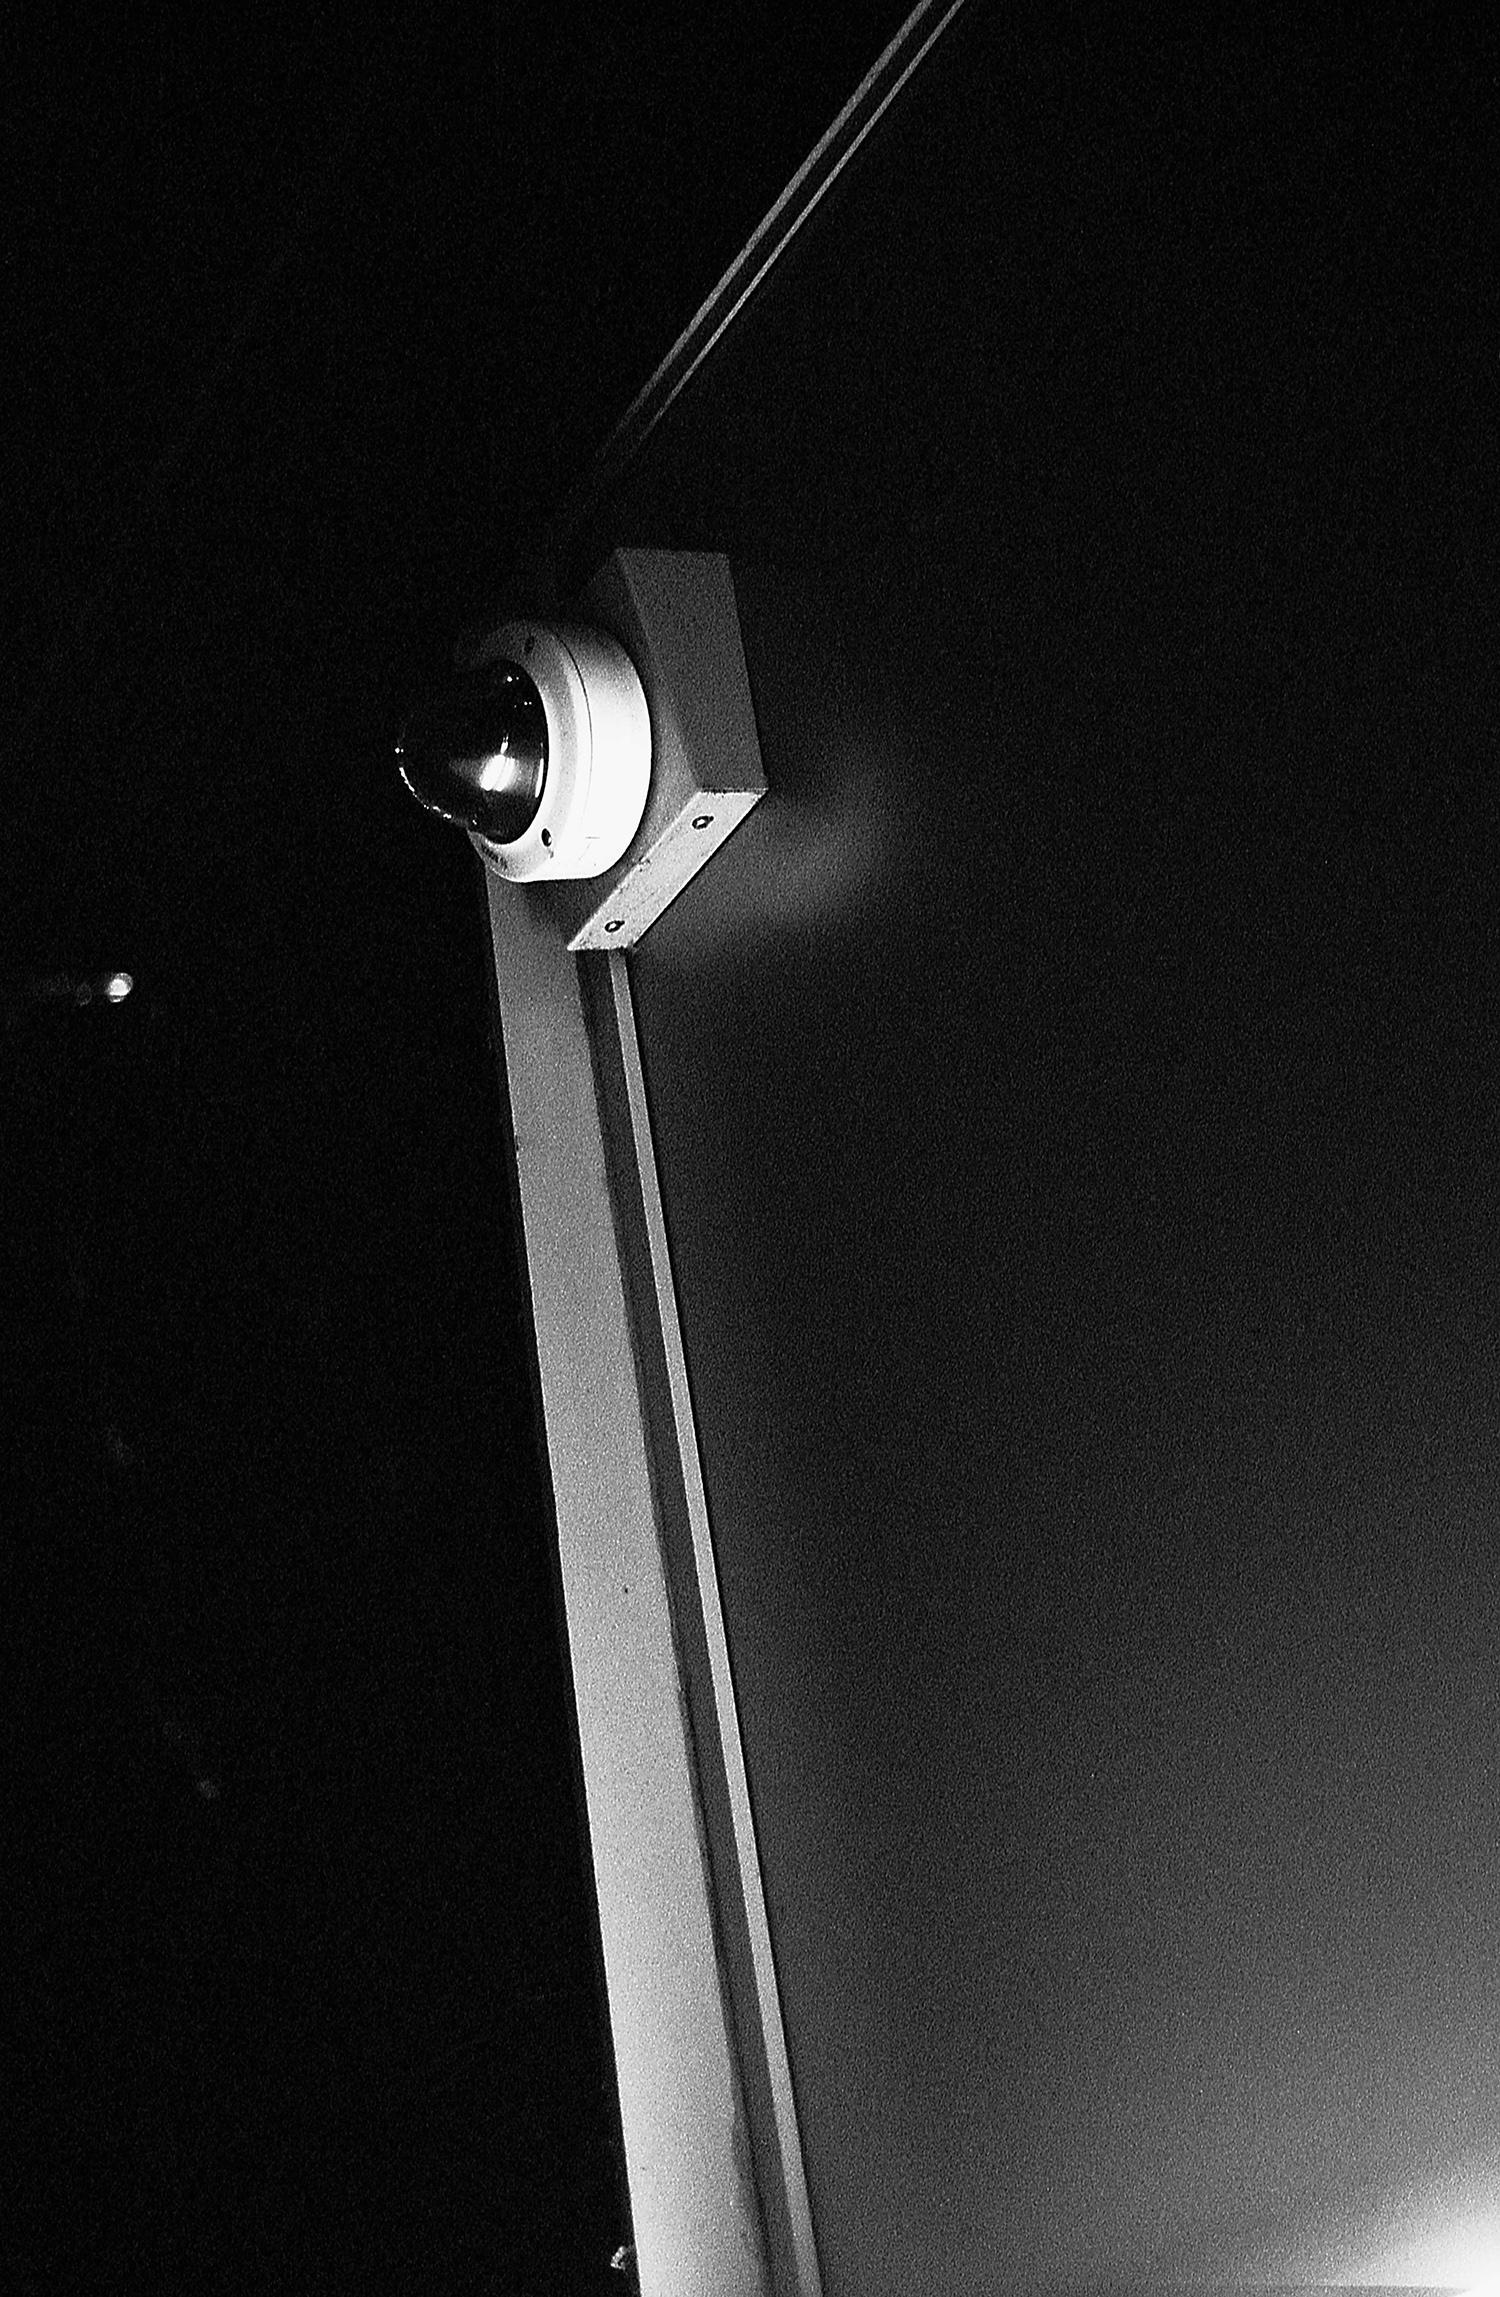 Alexandre Folgoso en Contrafotografía. Fotografía analógica en blanco y negro.